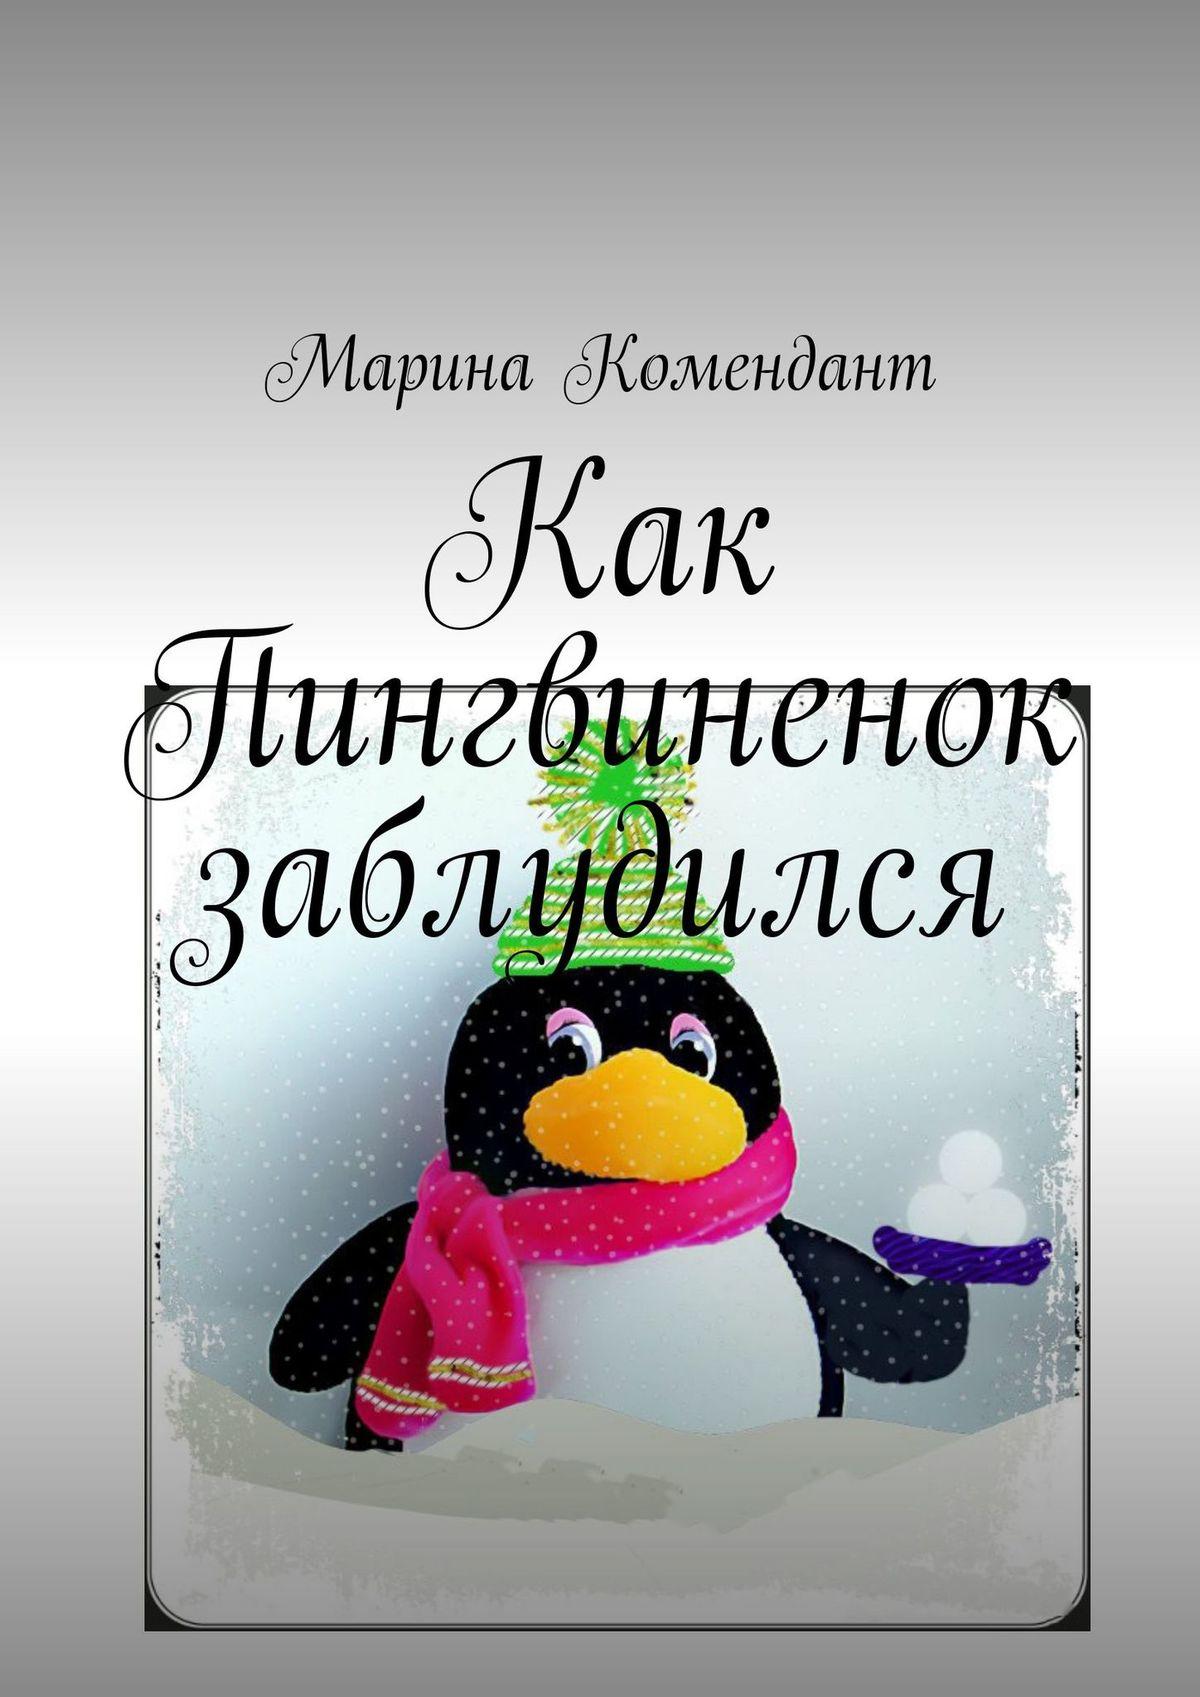 Марина Сергеевна Комендант Как Пингвиненок заблудился марина сергеевна чупрова пиит время первых